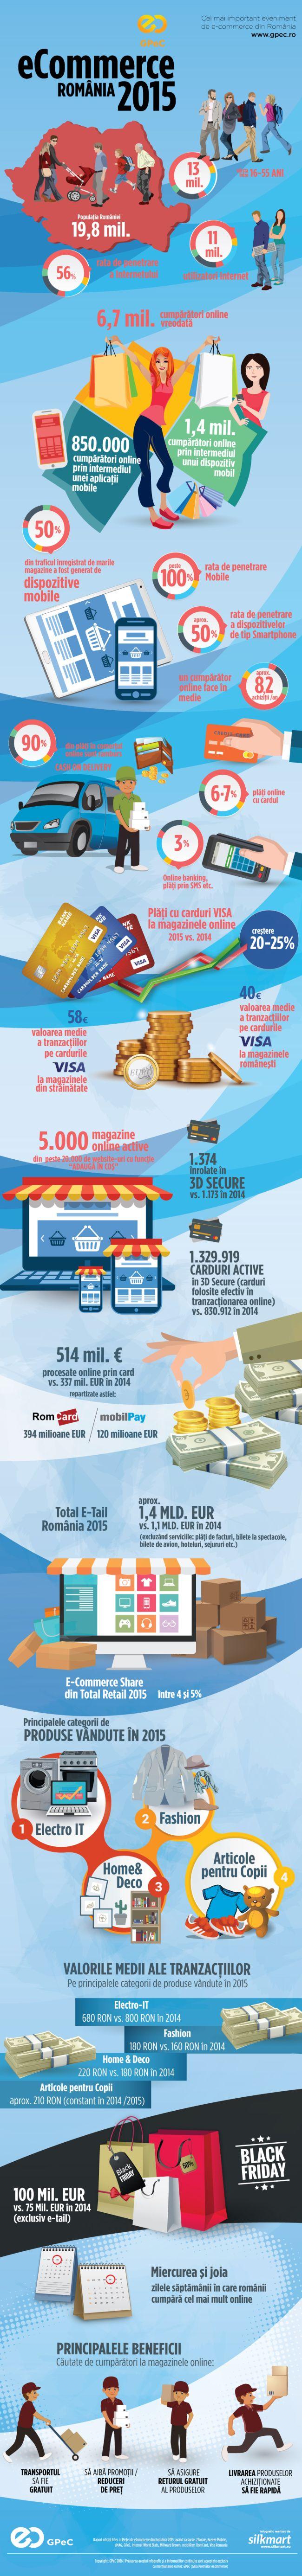 infograficgpec